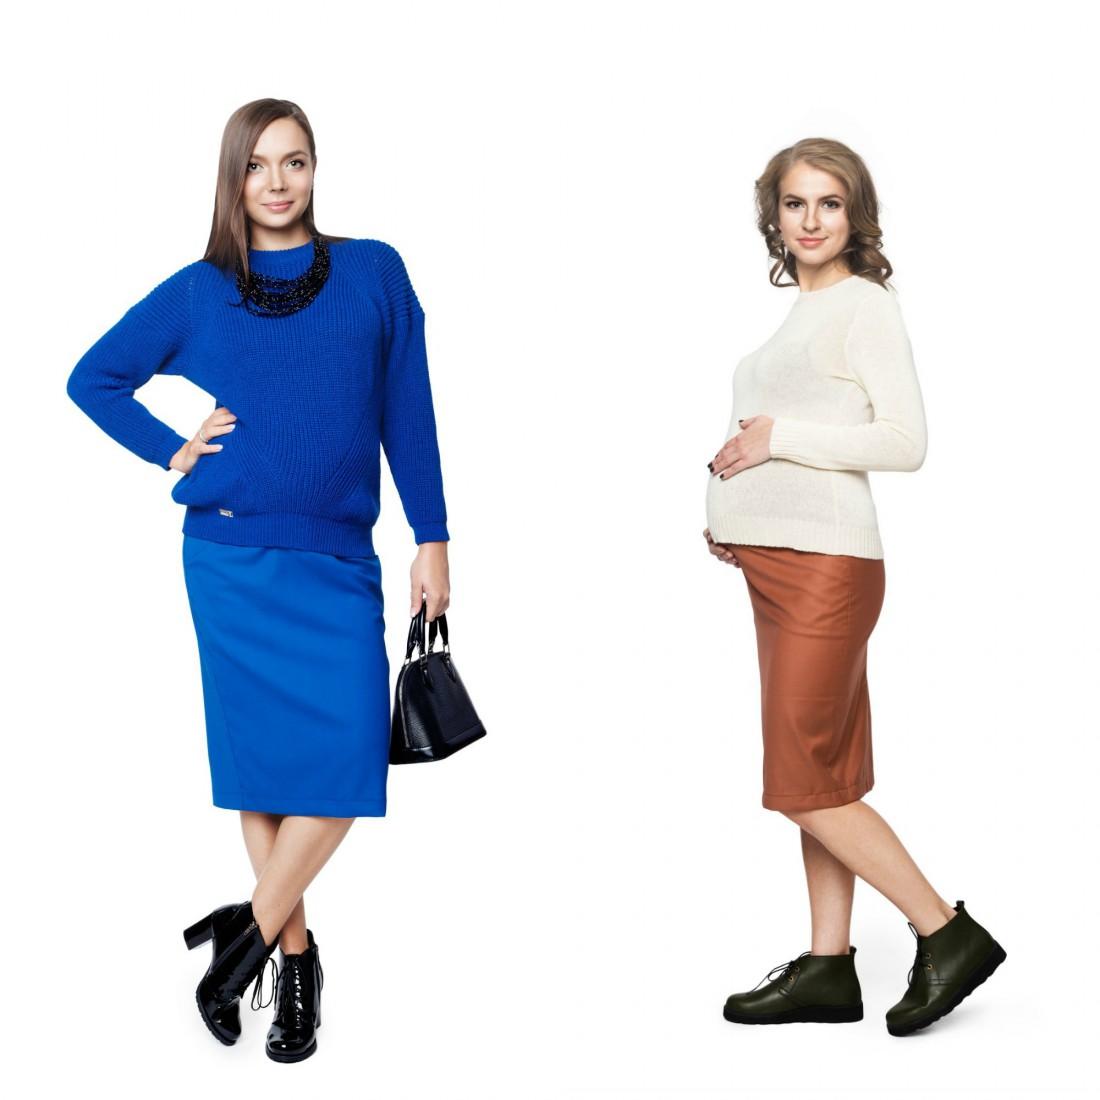 Базовый гардероб для беременной: юбки